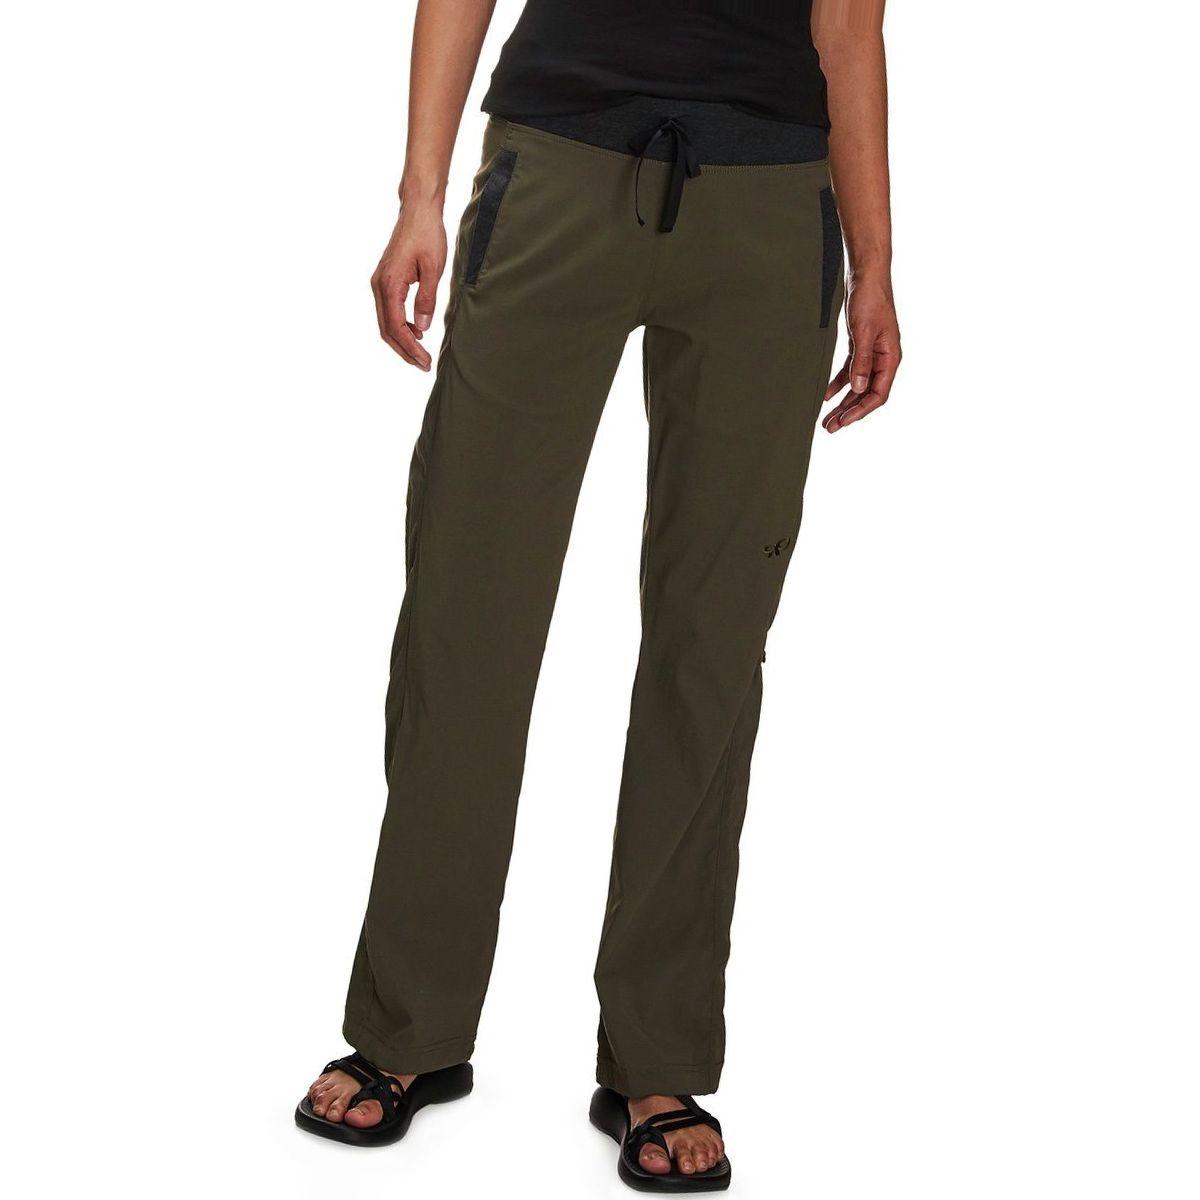 Outdoor Research Zendo Pant - Women's